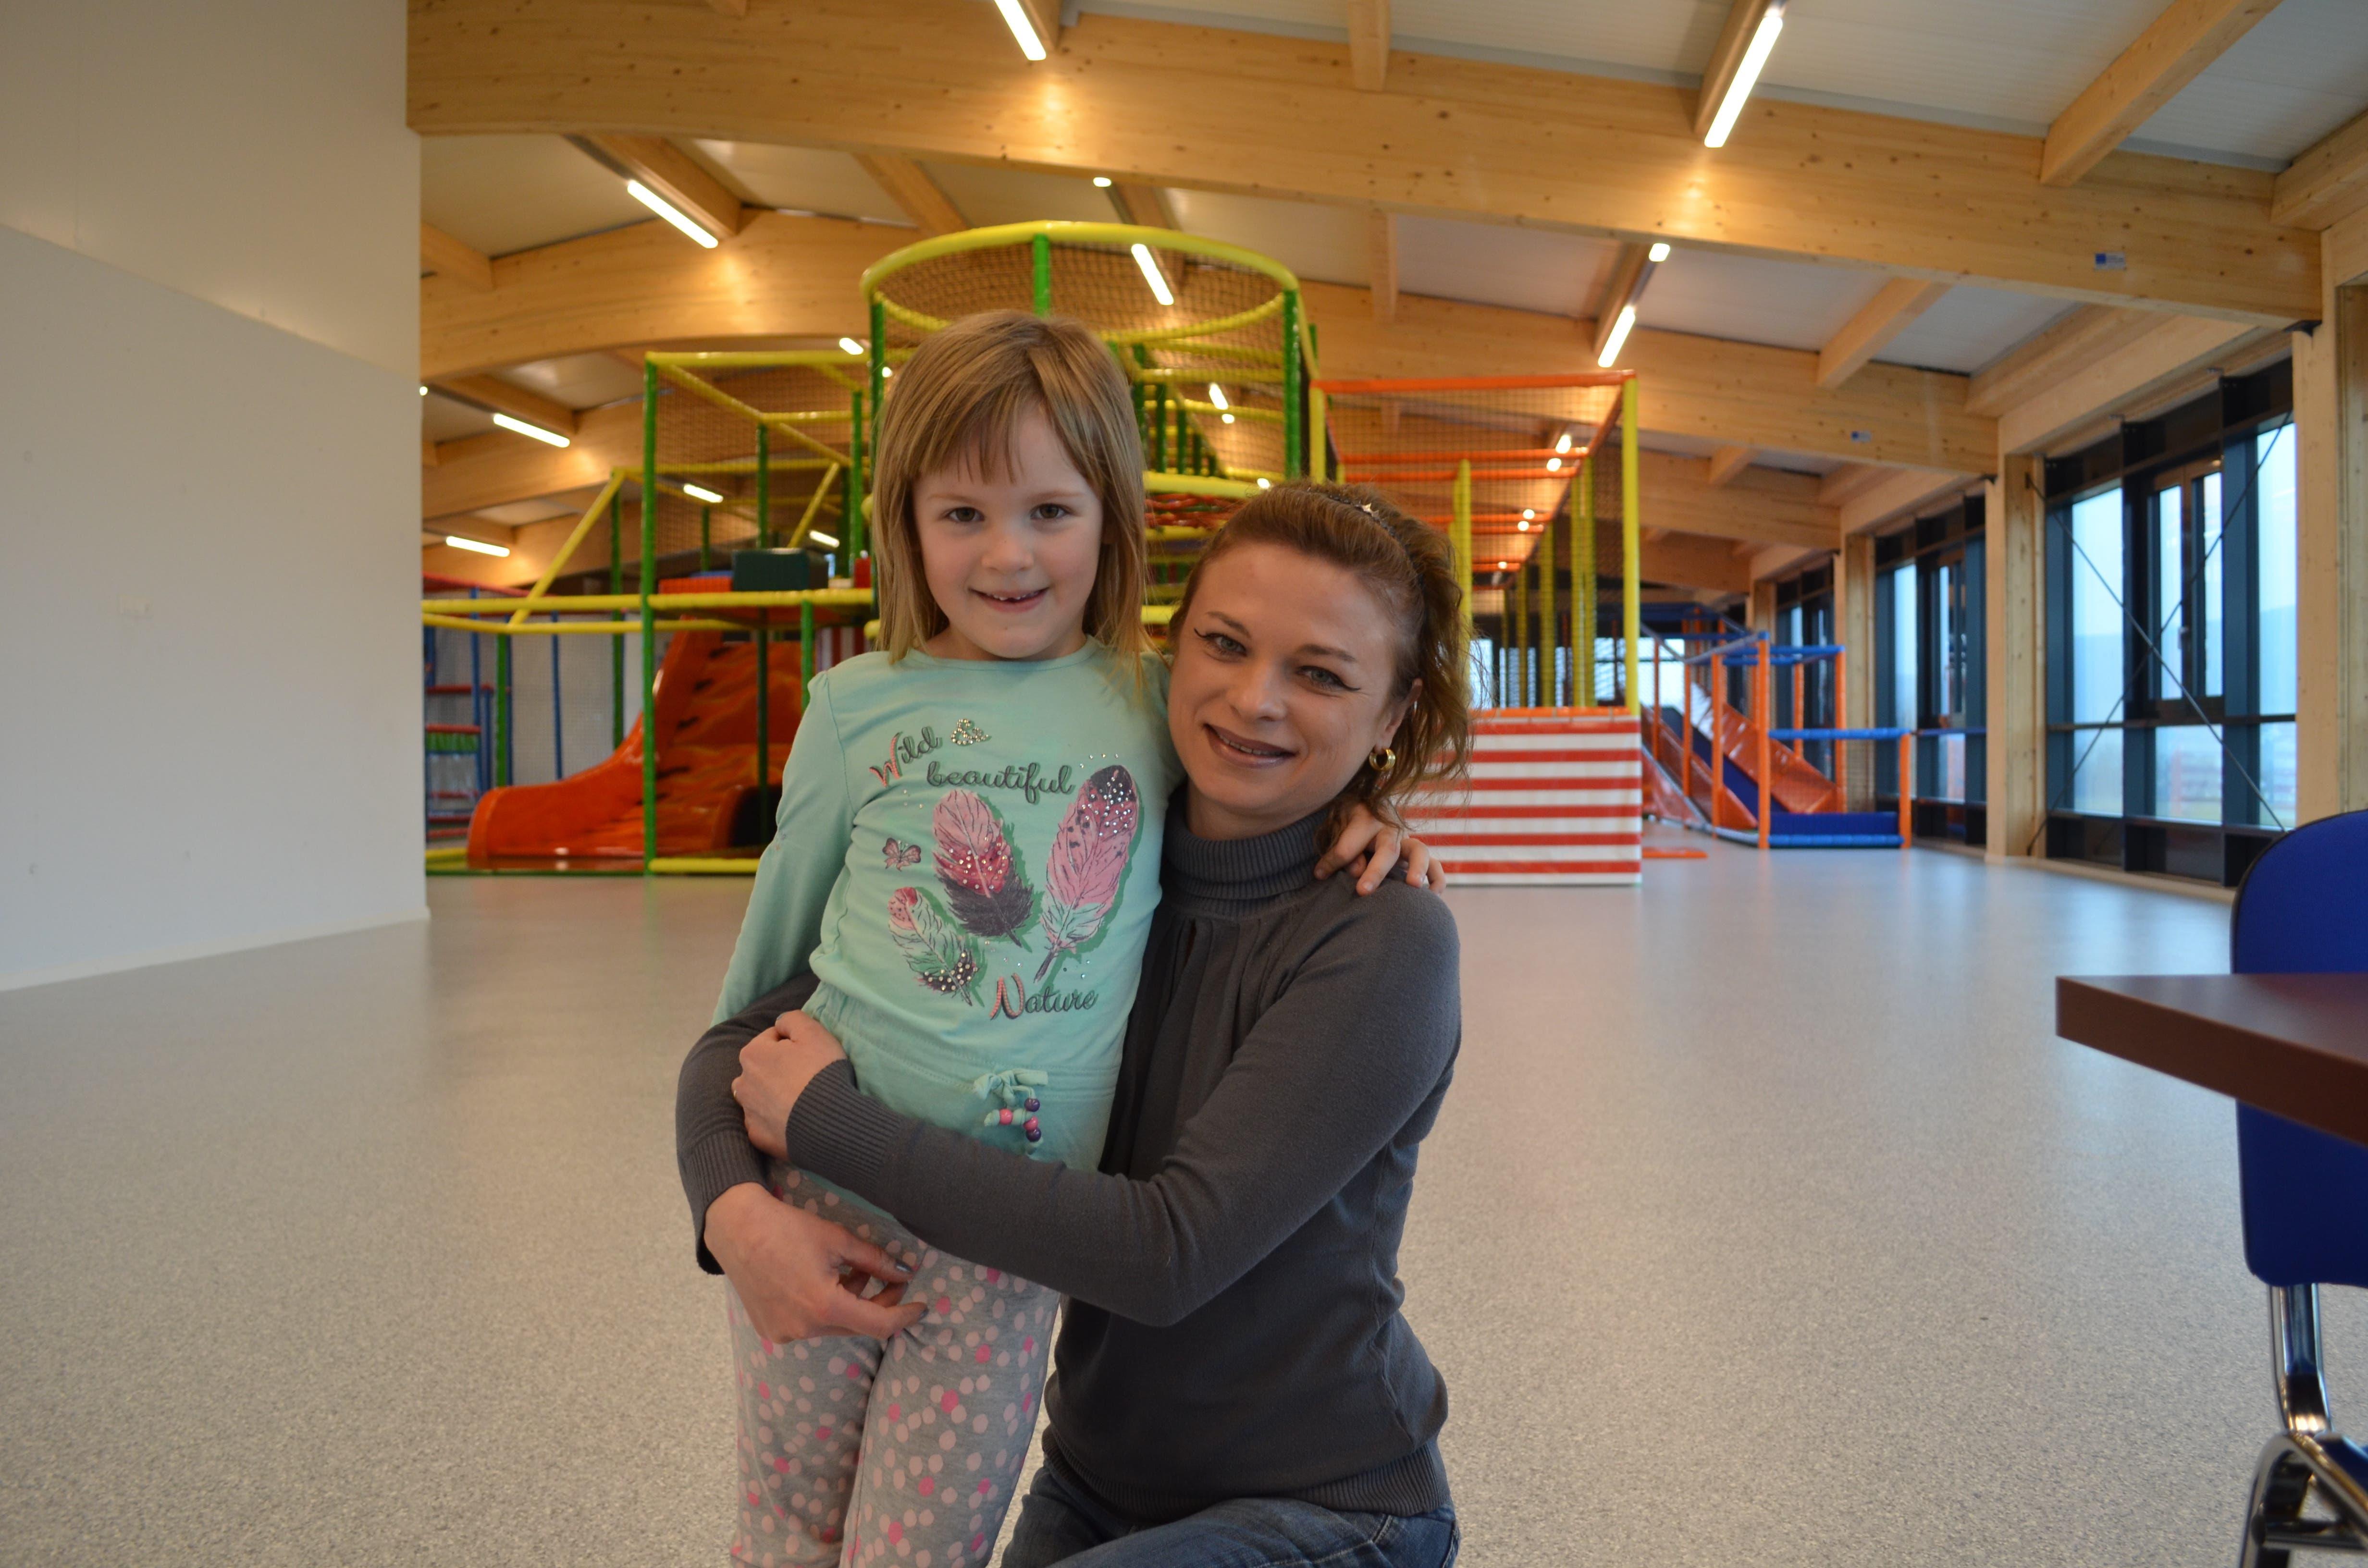 Karolina Rübsamen, Praxisassistentin, 41, Mama von Anastasia (5) aus Kallern «Bei schlechtem Wetter gehen wir oft in Indoor-Spielparks. Bei diesem hier finde ich die Verpflegungsmöglichkeiten toll und dass wir Eltern keinen Eintritt zahlen. Auch die Sicherheit wird gut eingehalten.»